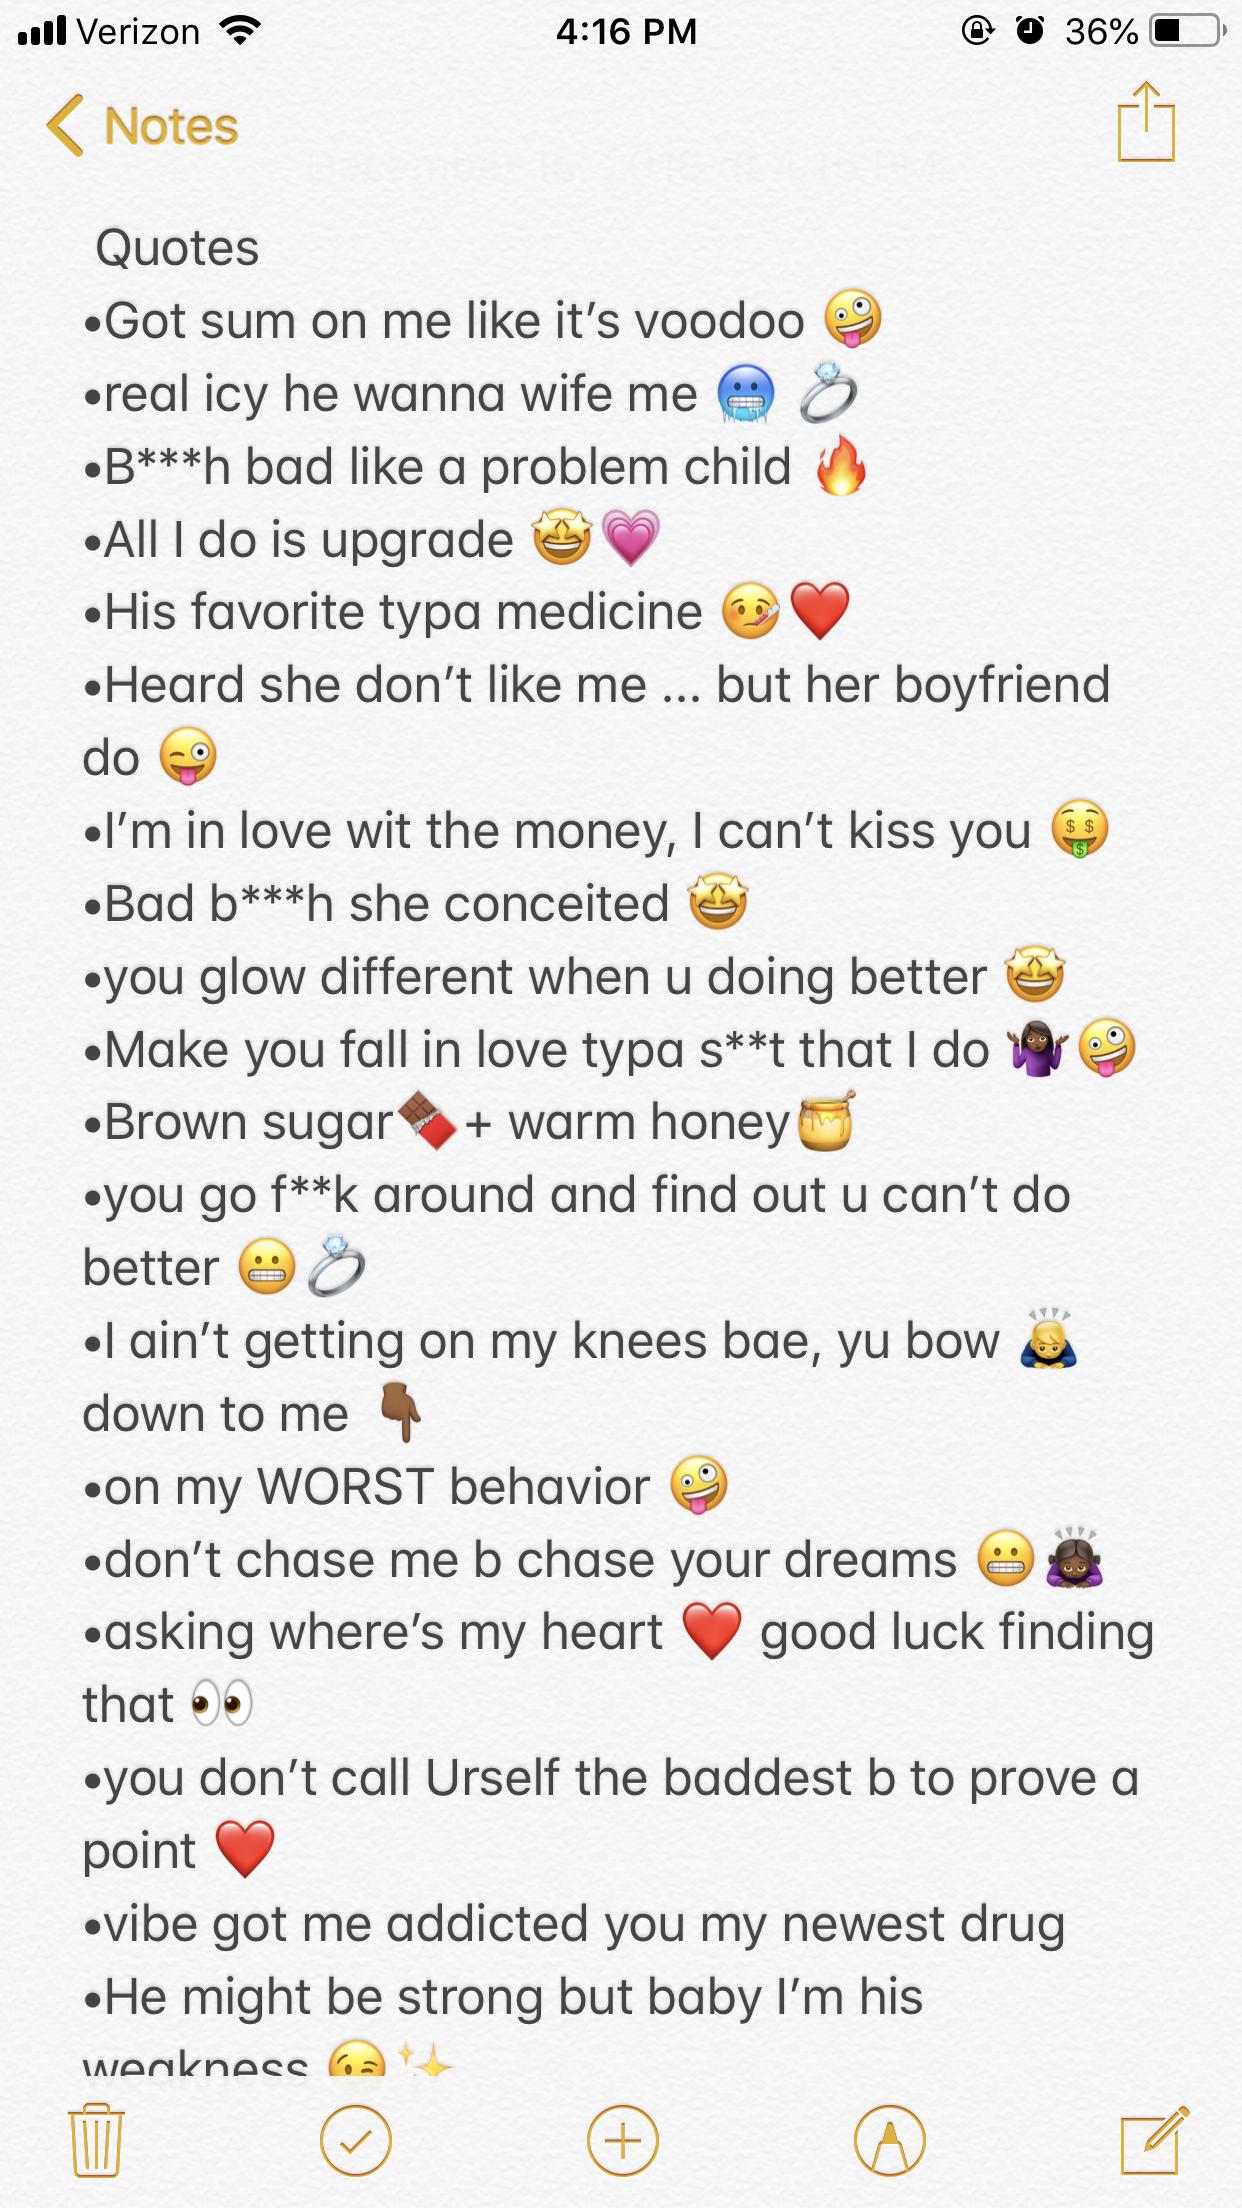 Pin By Princess Yanna On Baddie Instagram Quotes Captions Instagram Quotes Instagram Captions For Selfies